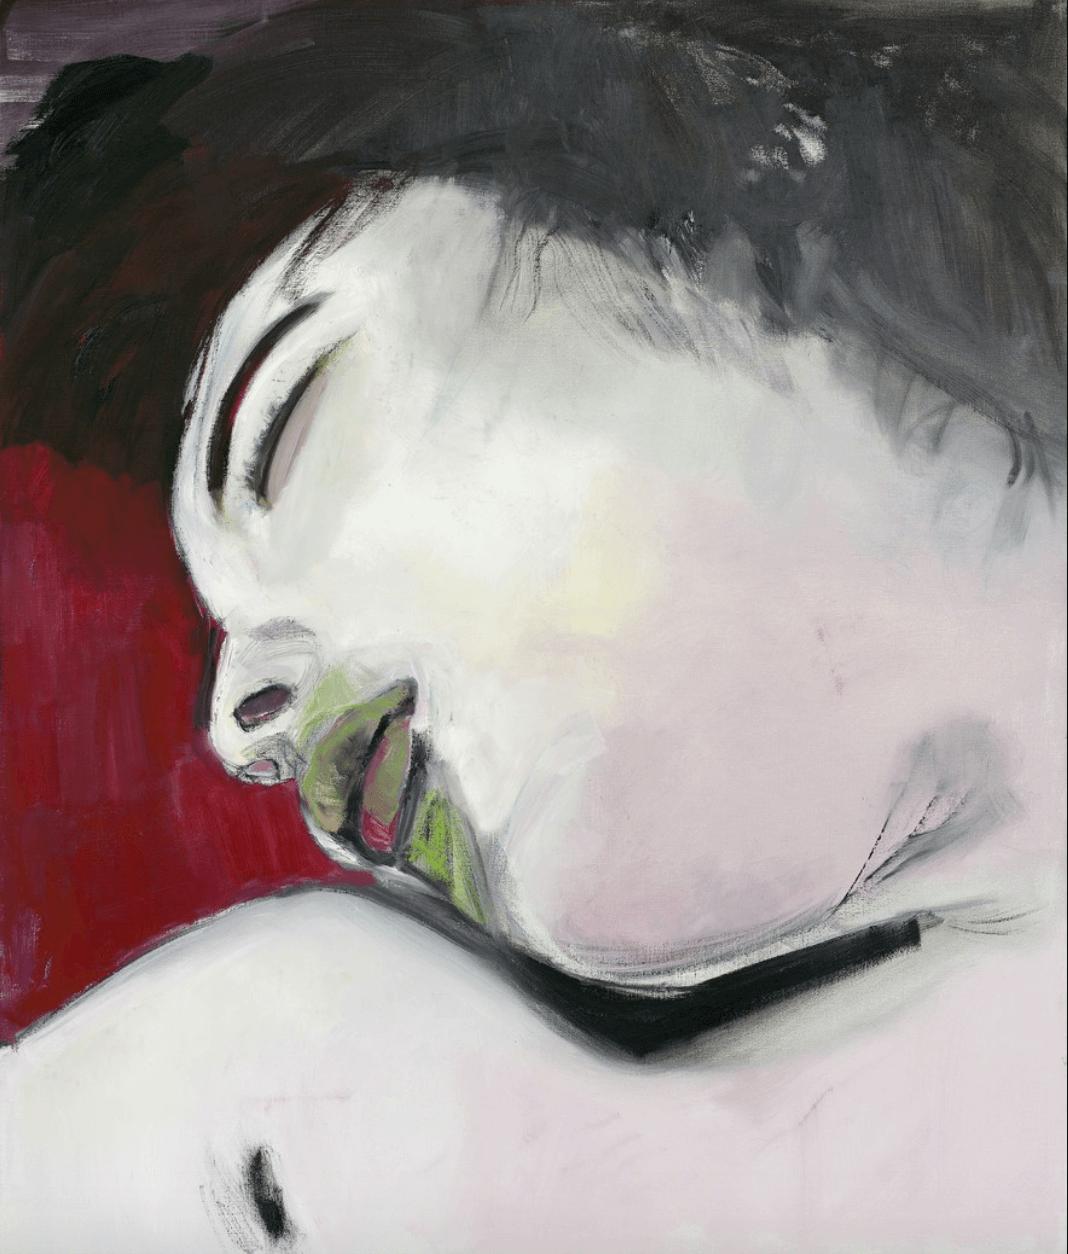 Marlene Dumas, Broken White, 2006